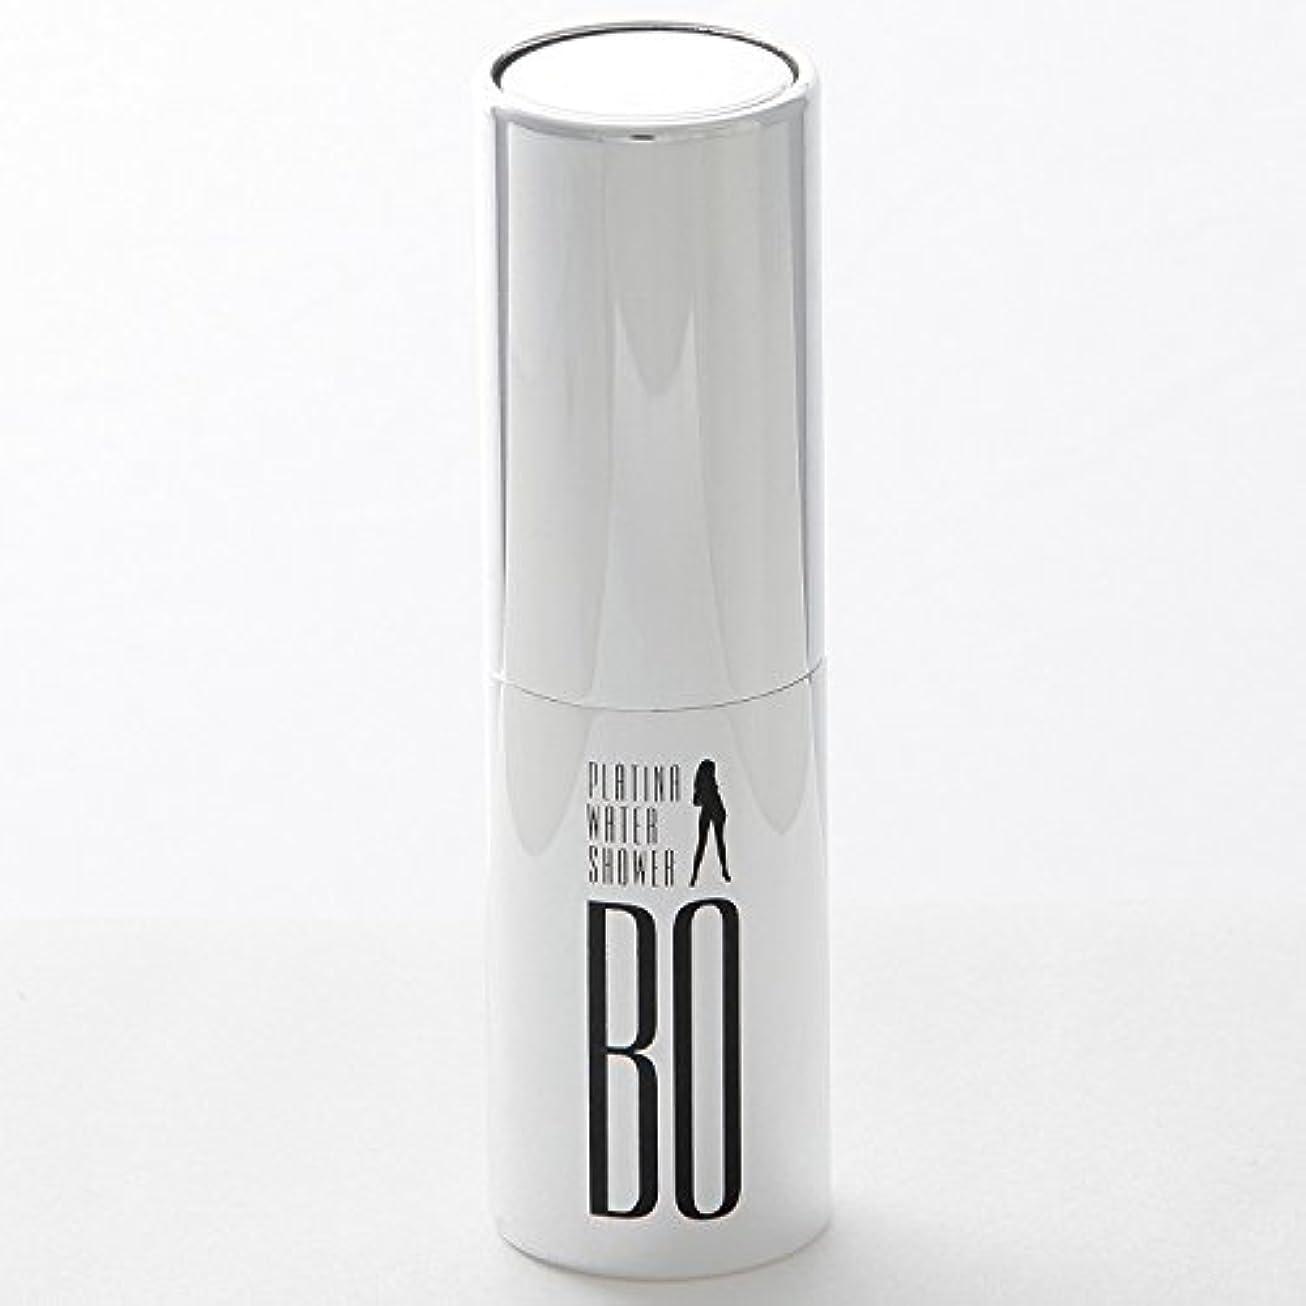 ソブリケットおなじみの疼痛BO PLATINA WATER SHOWER 20ml ナノプラチナ 消臭 除菌99.9% ニオイ戻りゼロ ヘアートリートメント